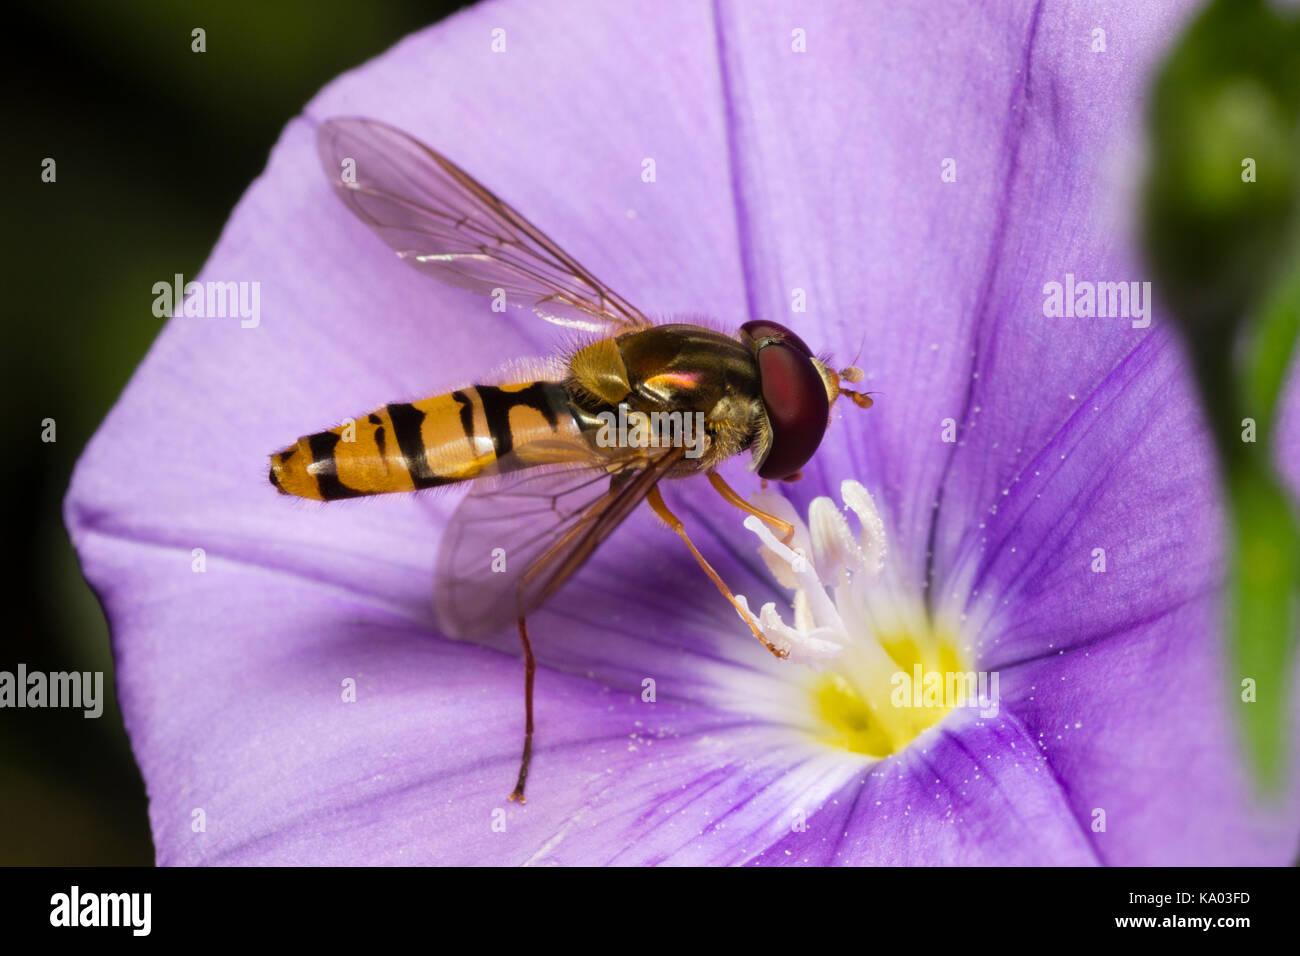 Wasp nachahmen UK männlichen Marmalade hoverfly, Episyrphus balteatus, Fütterung auf die blaue Blume der Stockbild